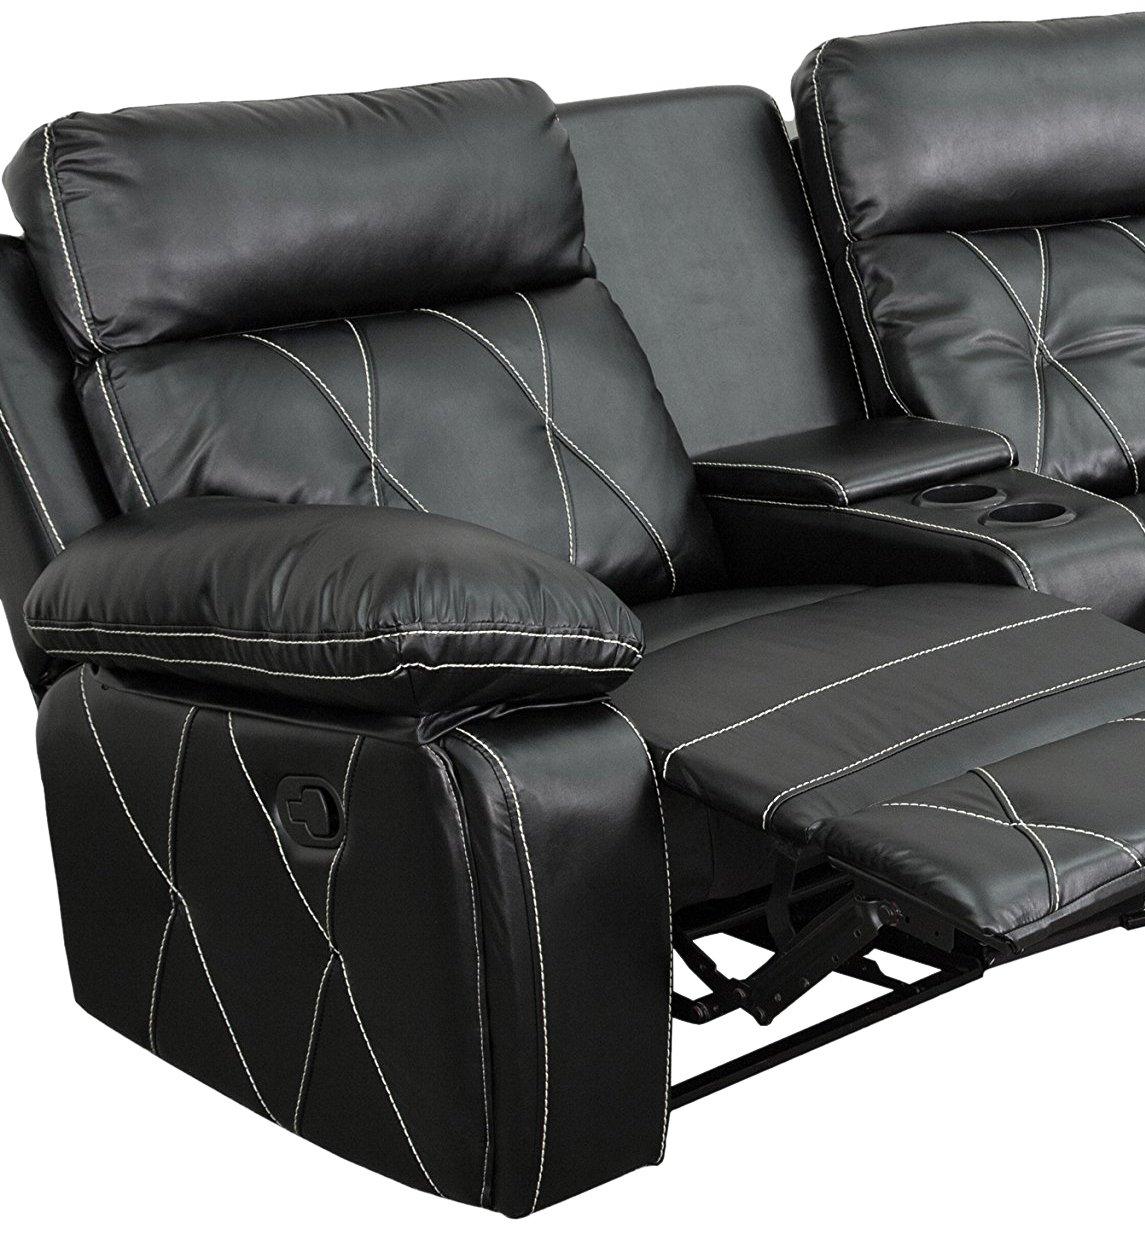 Amazon.com: Flash Muebles 3 asiento piel auténtica Theater ...